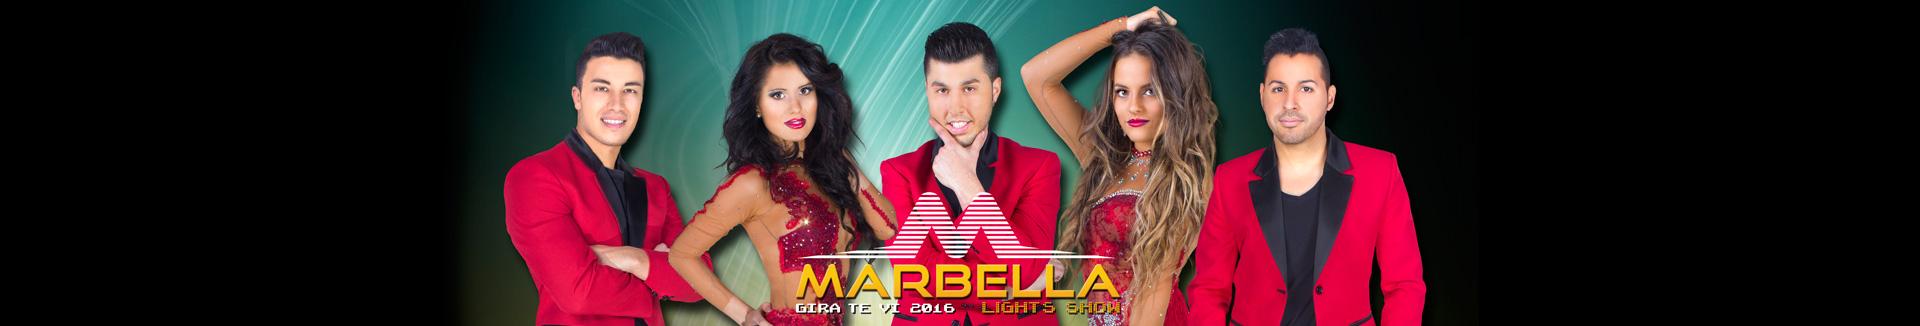 slider-marbella11